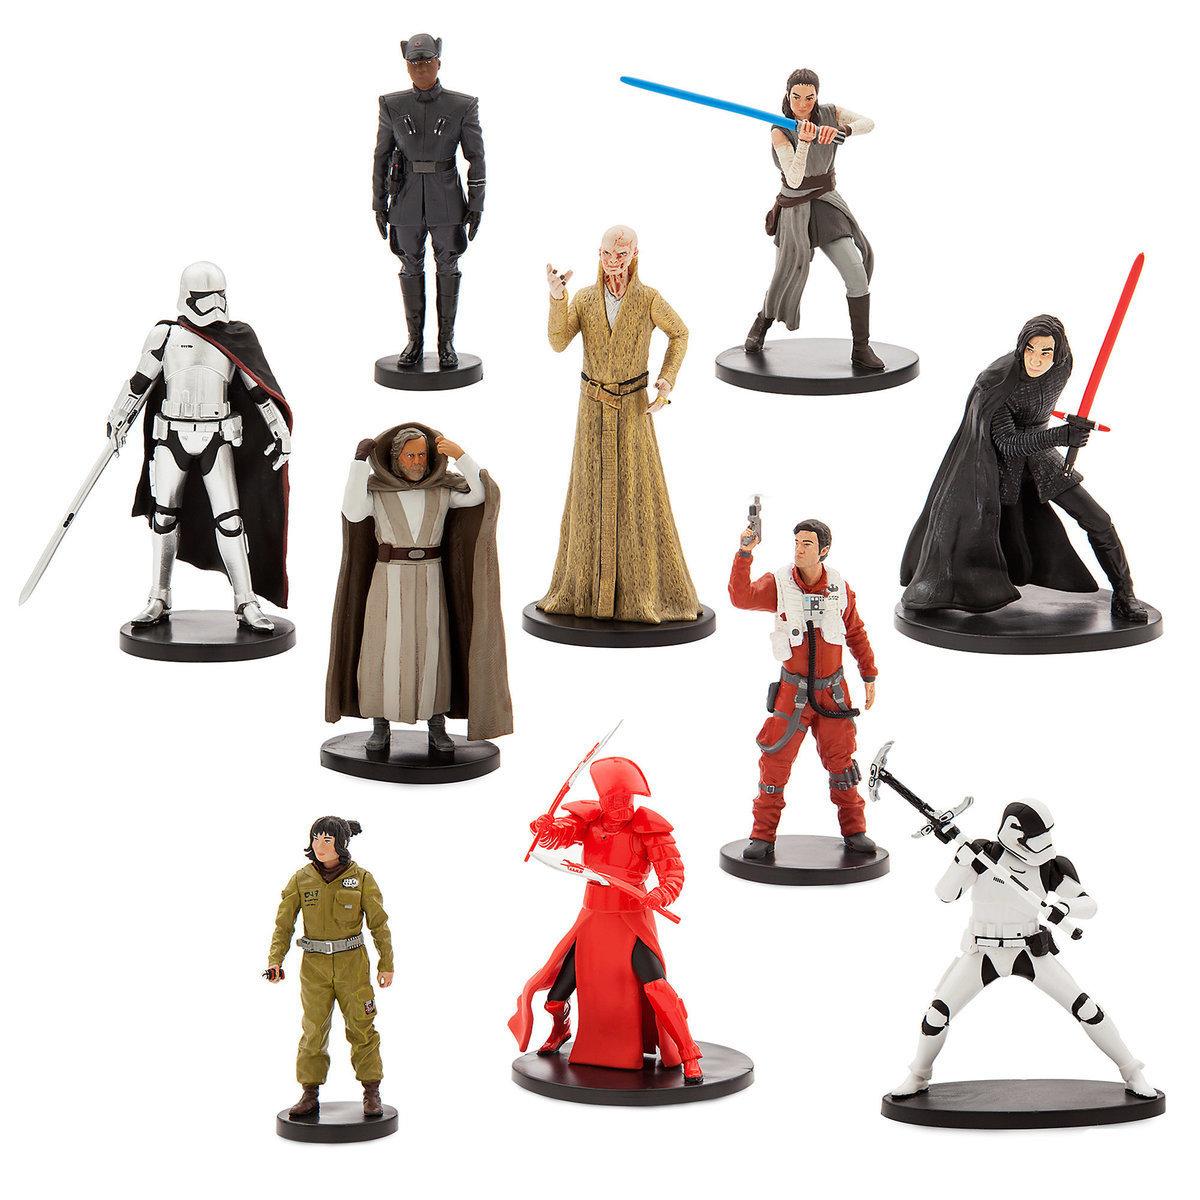 Набор фигурок «Звездные войны: Последние джедаи» - Deluxe